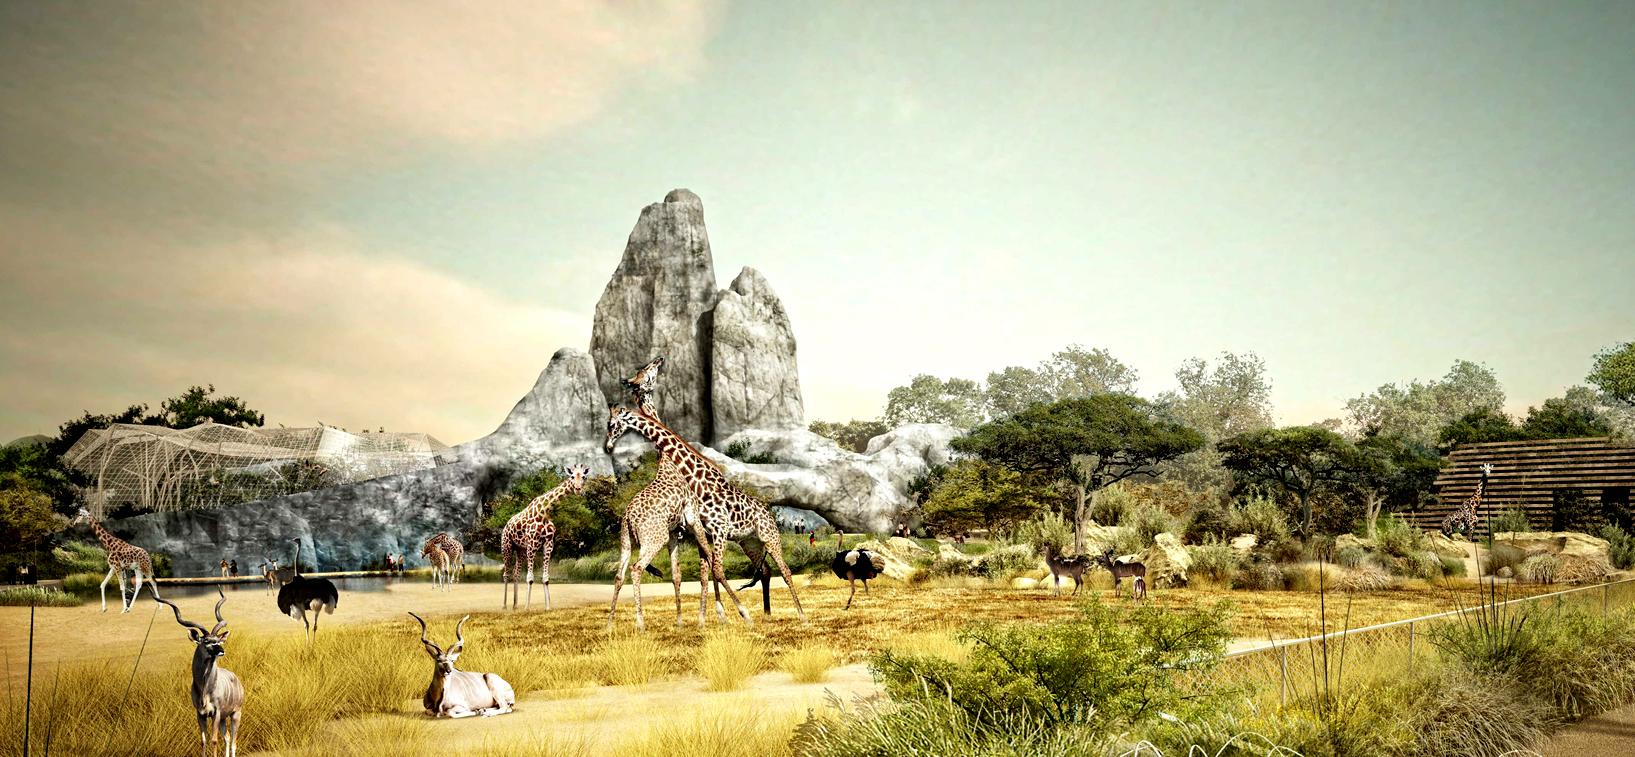 Mnhn-Girafes-Nouveau-zoo-de-Vincennes-©-BTUA-AJOA